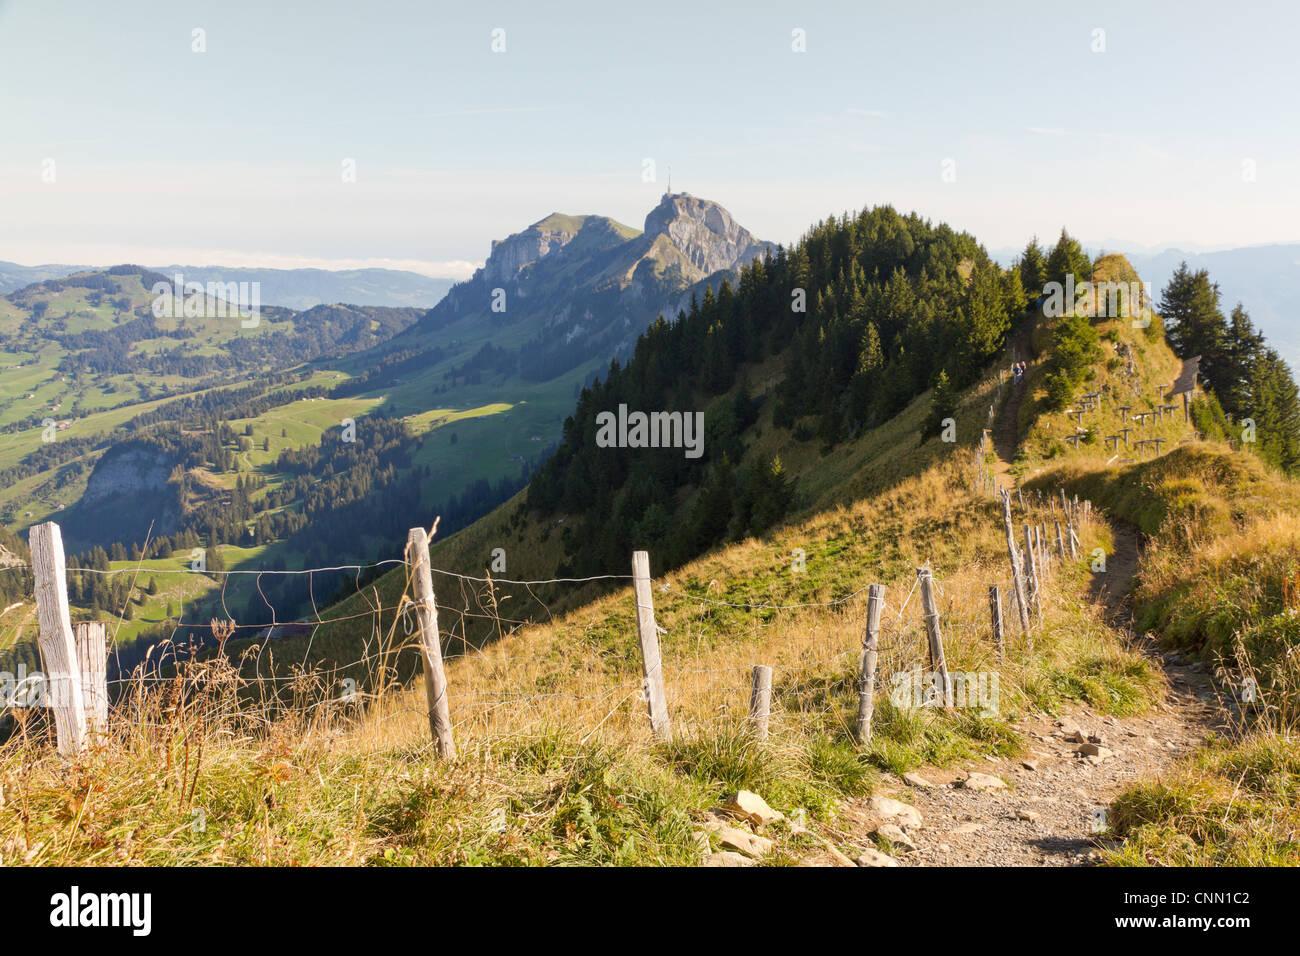 Wanderweg durch felsige Berglandschaft mit Berg Säntis in der Ferne Stockbild